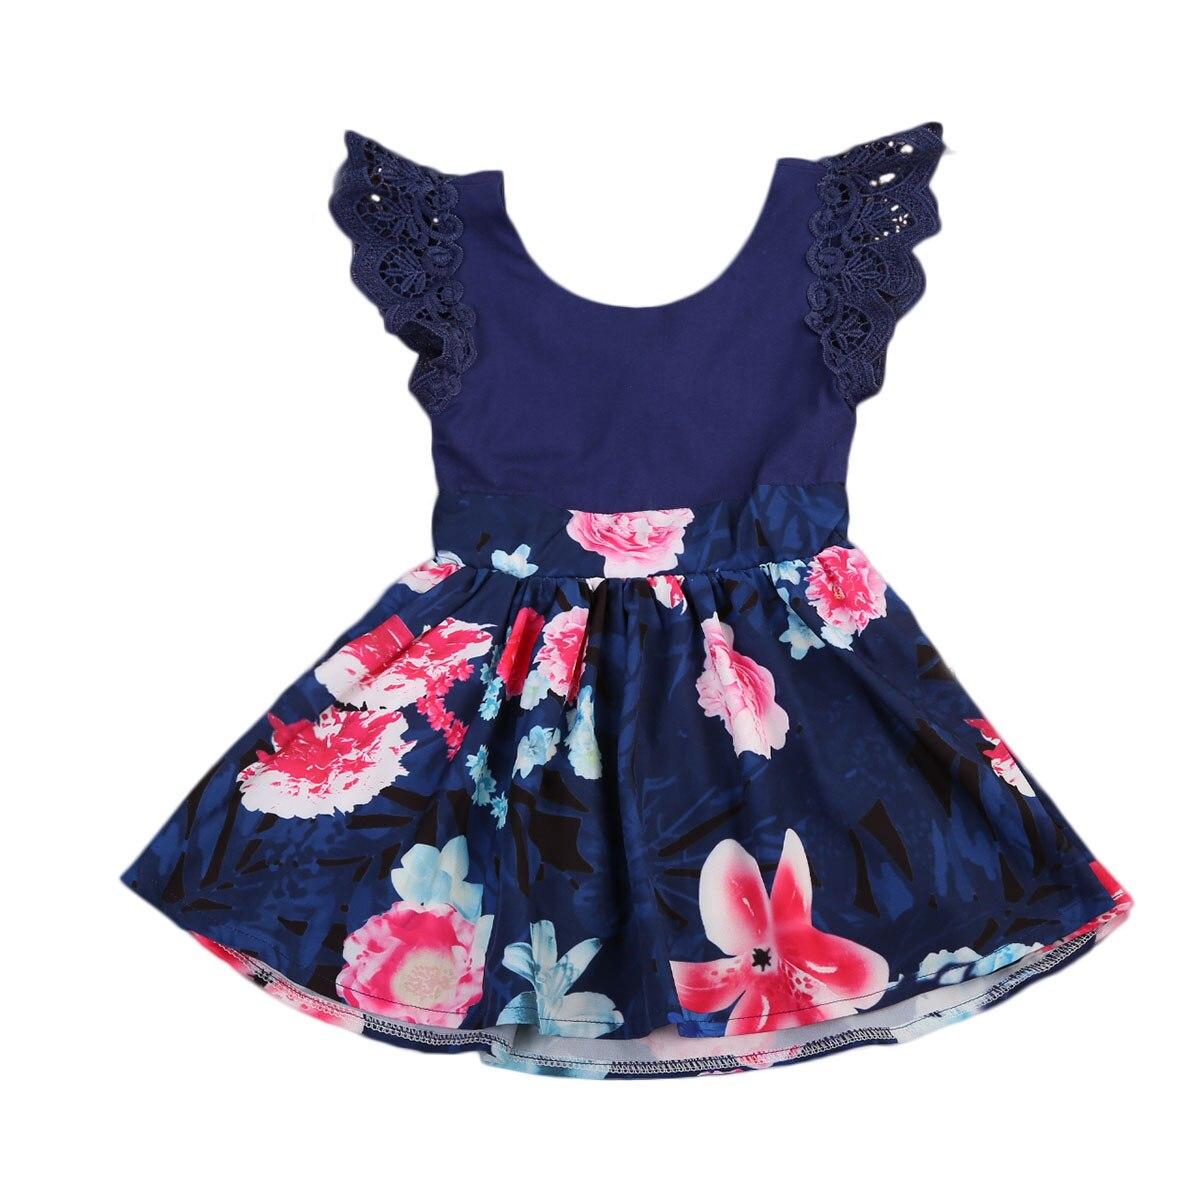 2018 Pop Blau Familie Floral Frauen Mädchen Kinder Kleinkind Sommer Party Passenden Kleid Sommerkleid